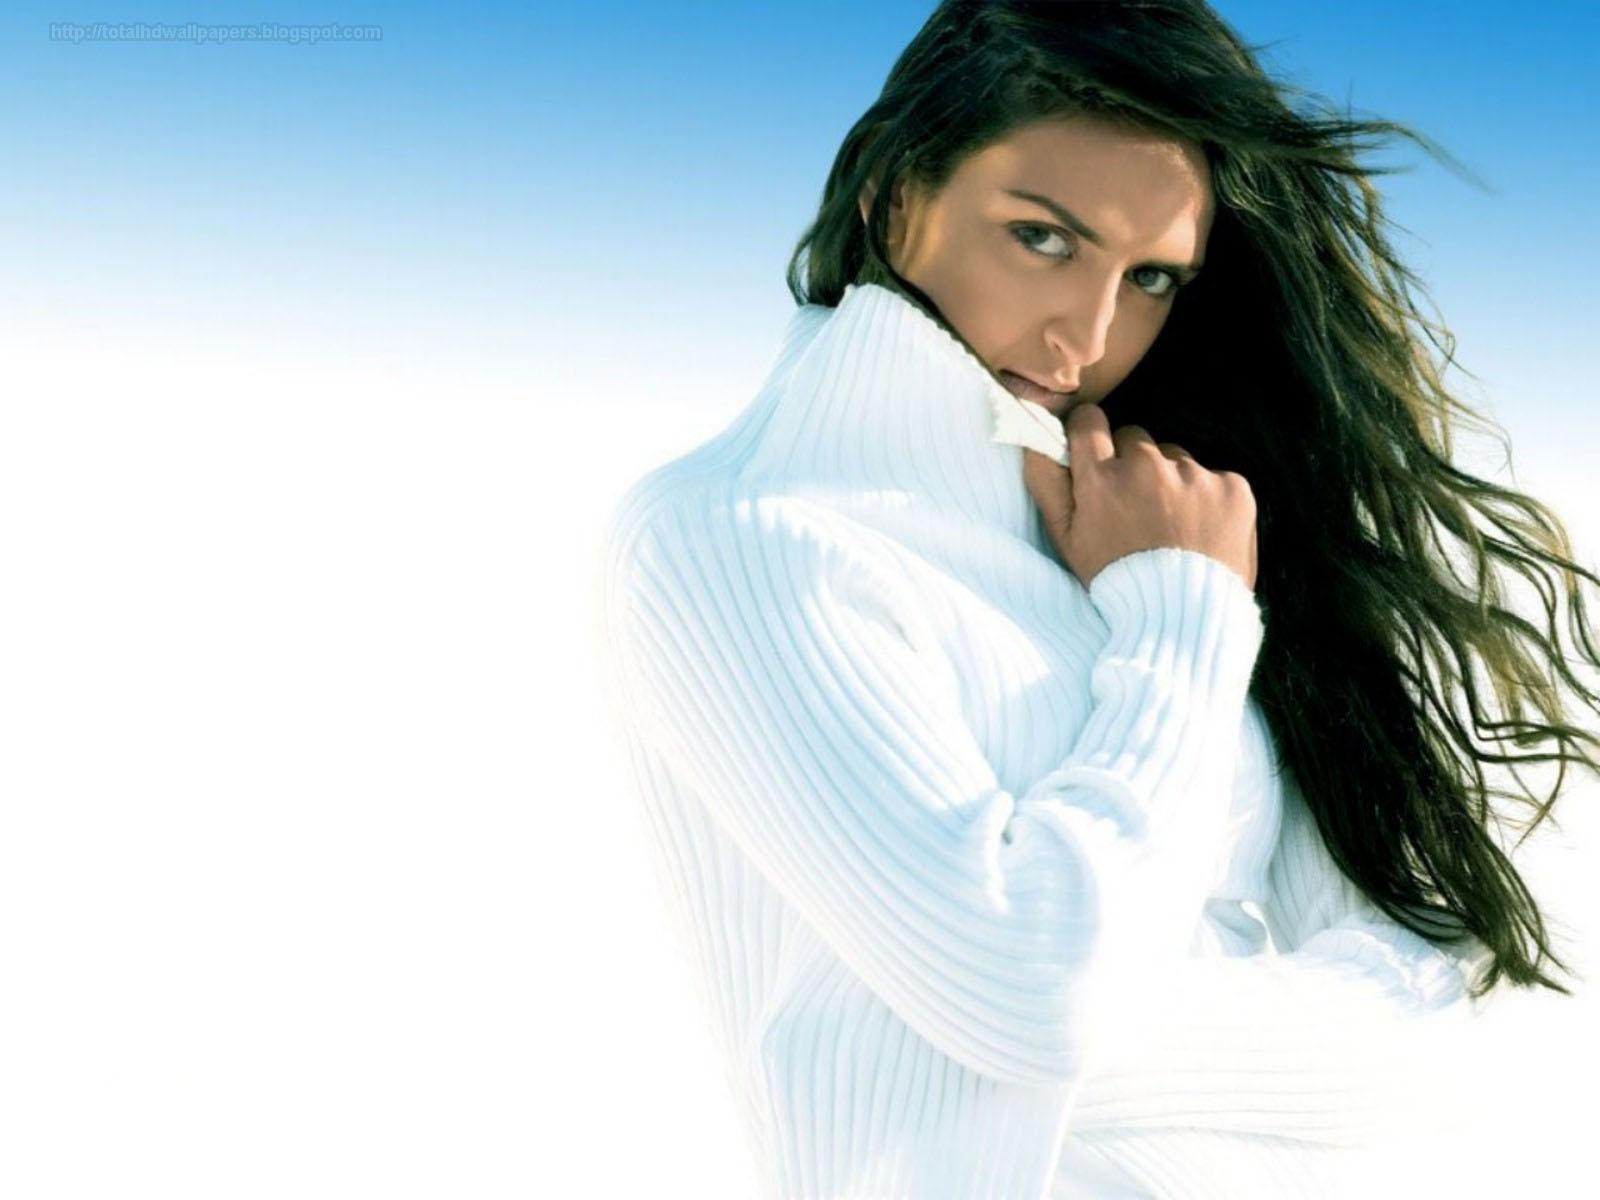 Punjabi Beautiful Girl Hd Wallpaper Bollywood Actress Hd Wallpapers Hollywood Actress Hd